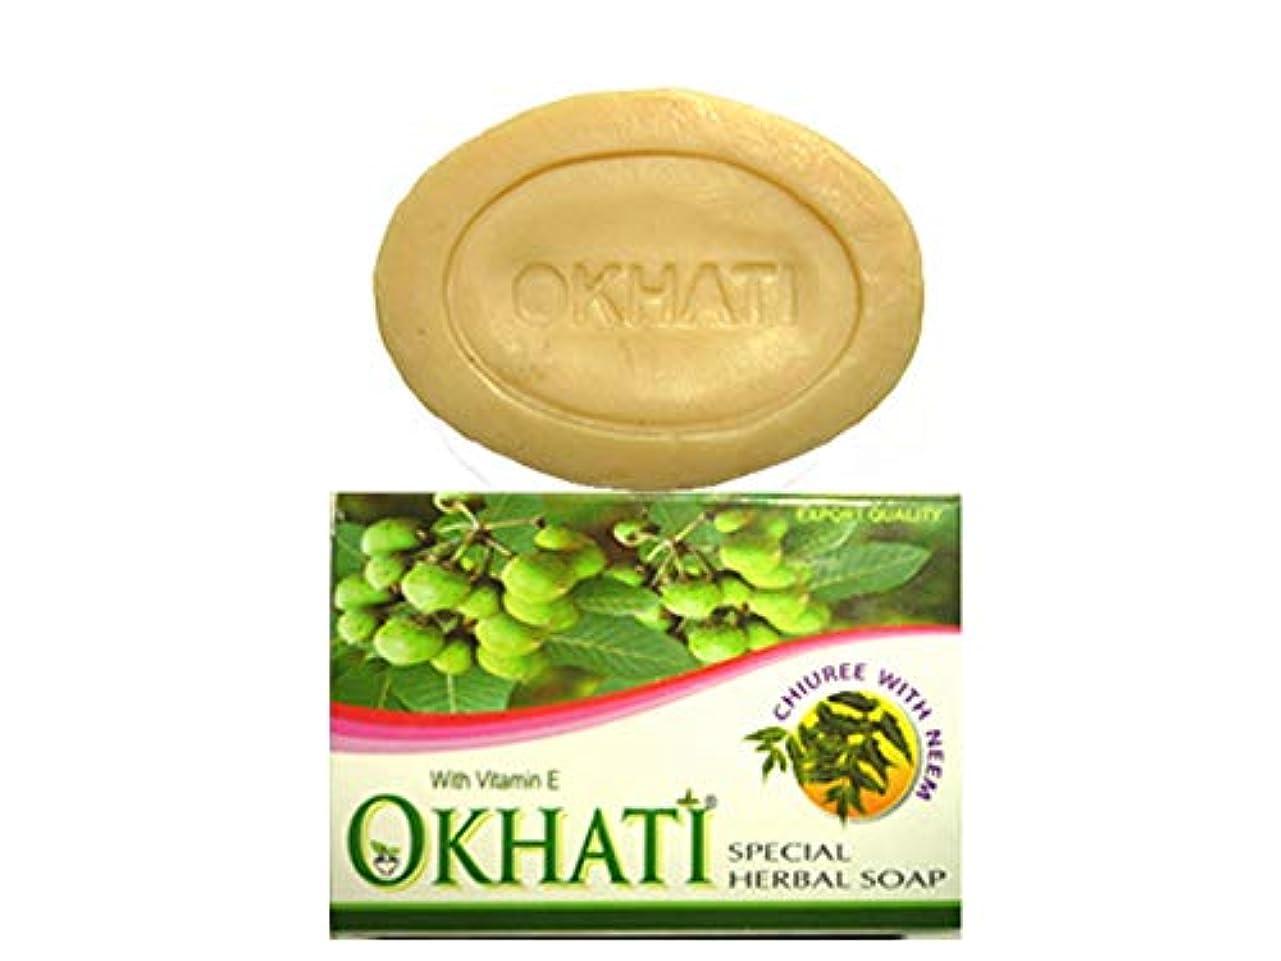 グレートバリアリーフ阻害する百万オカティ チウリ ニーム ソープ 100g AYURVEDEC OKHATI CHIUREE(CHYUREE) WITH NEEM SOAP/NEPAL HIMALAYA SOAP ヒマラヤ石鹸